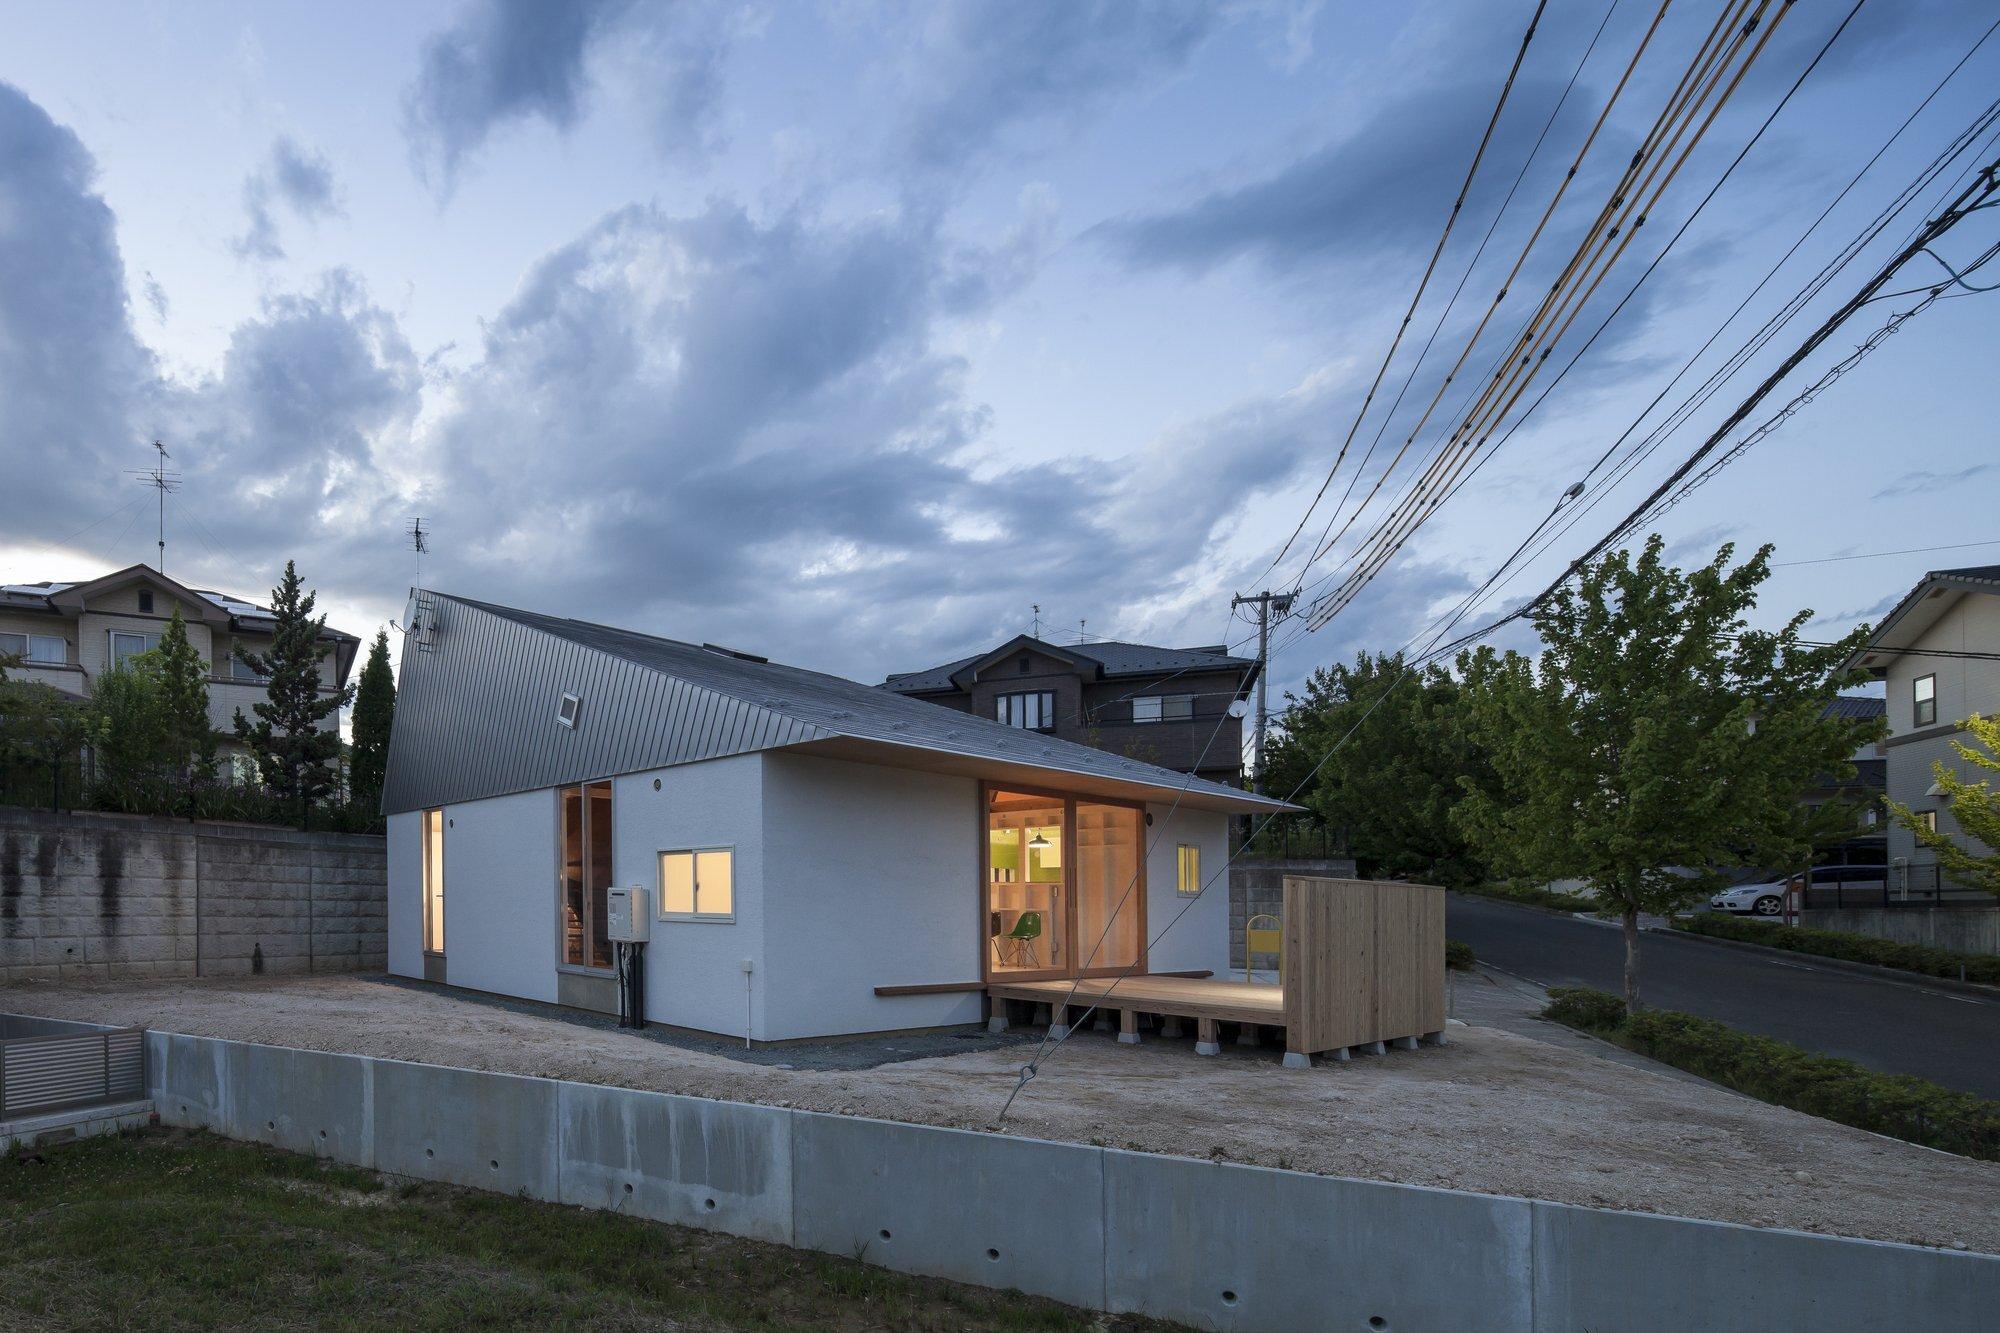 Small House - TASS - Fukushima - Japan - Exterior - Humble Homes